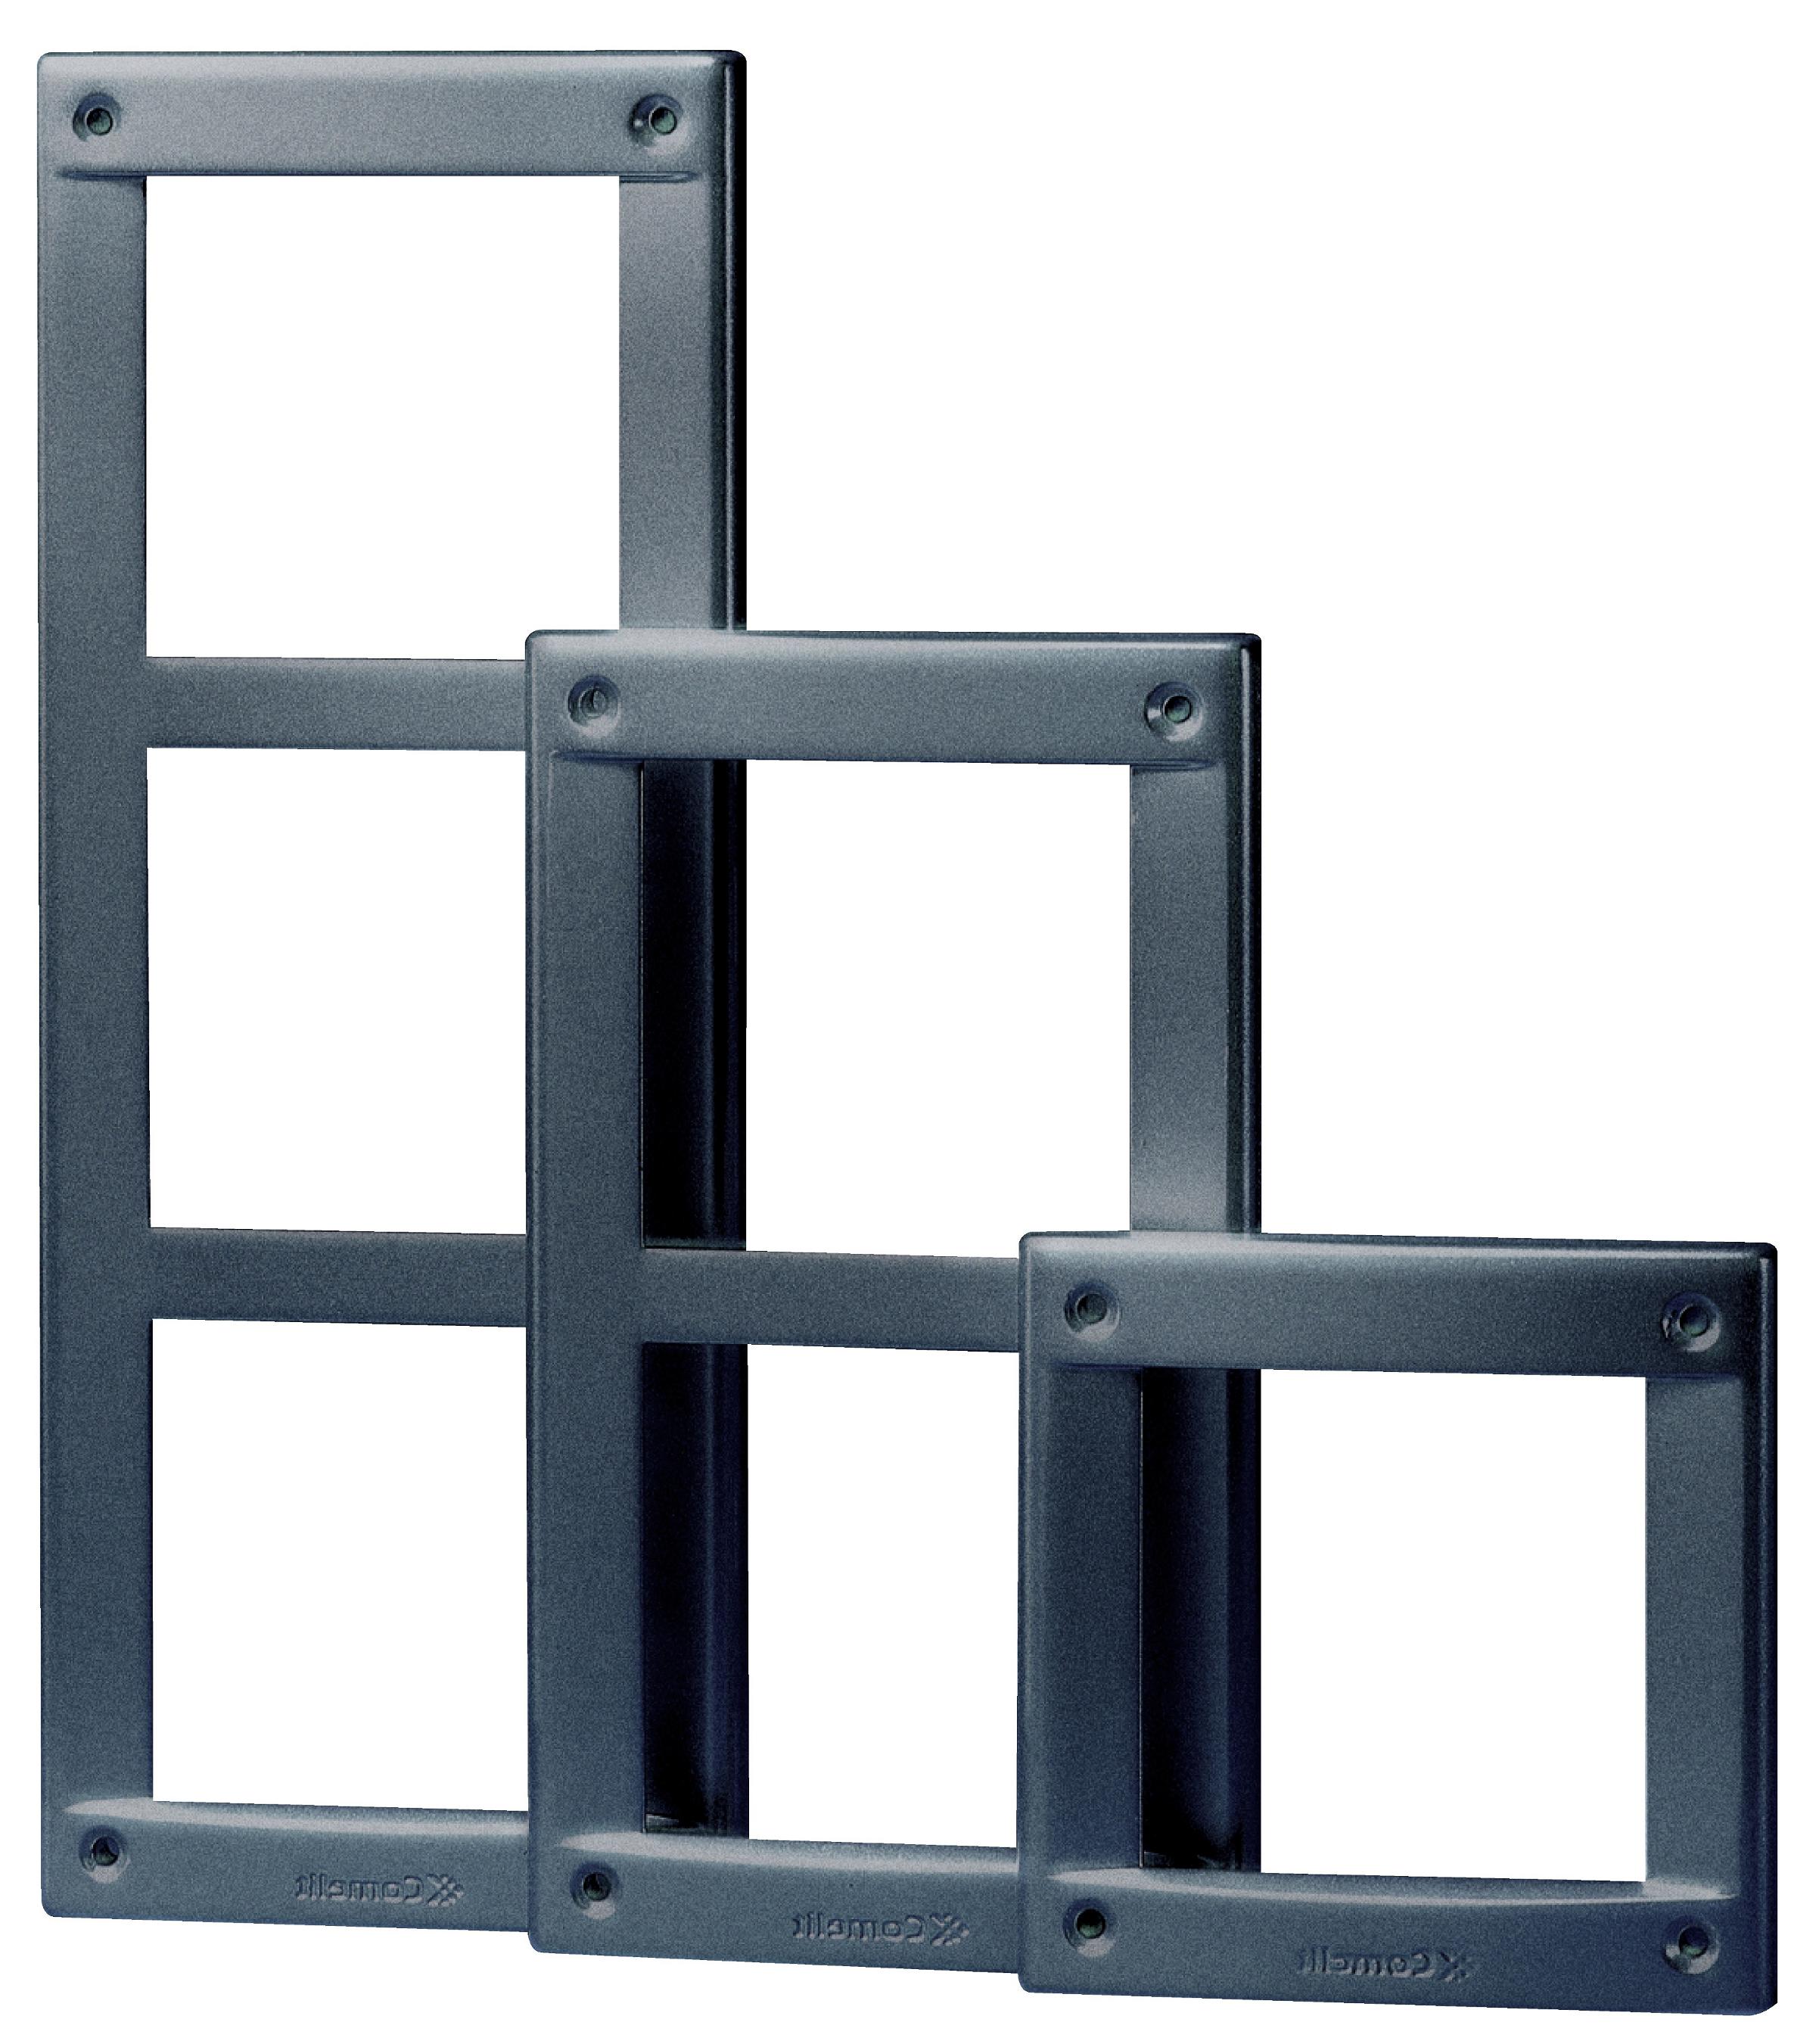 1 Stk Rahmen zu Aussenstelle für 1 Modul Vandalcom SP316101--